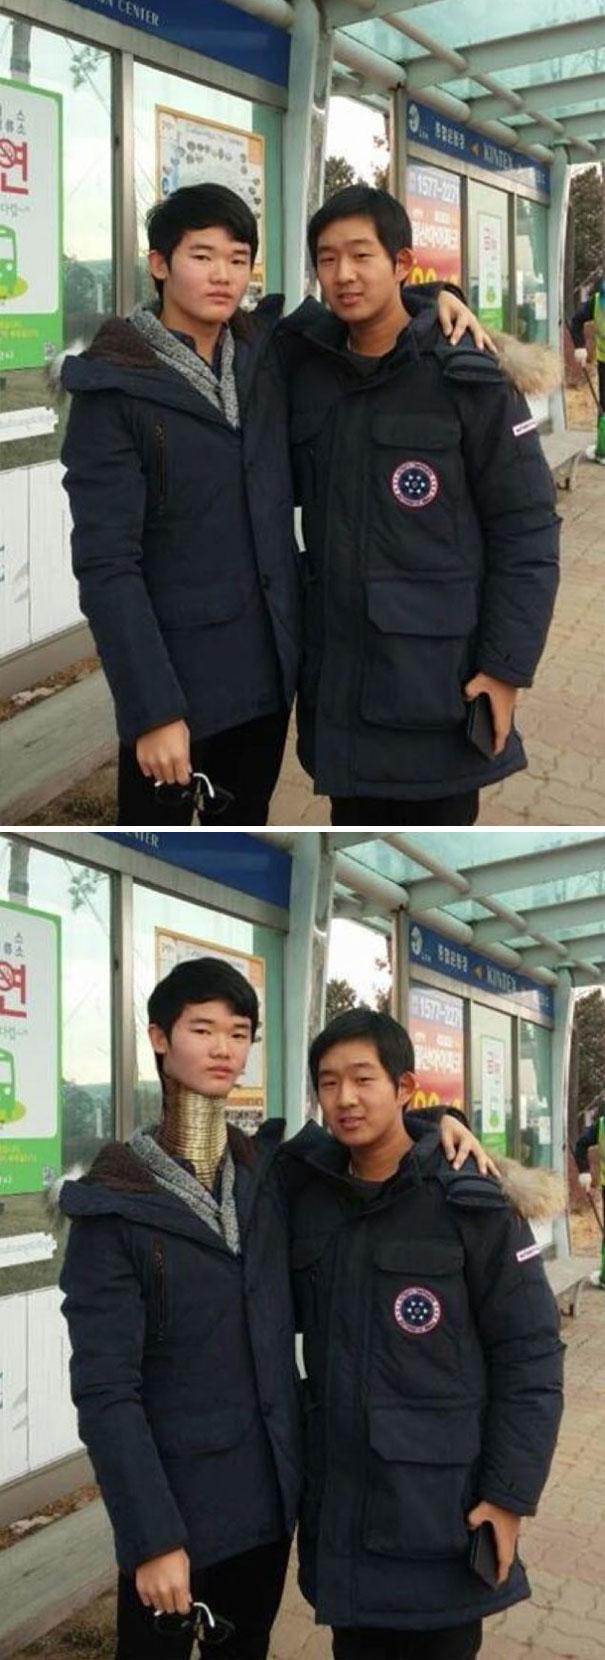 Các thánh photoshop Hàn Quốc ra tay hiệp nghĩa sửa ảnh hộ và cái kết bựa đừng hỏi - Ảnh 21.